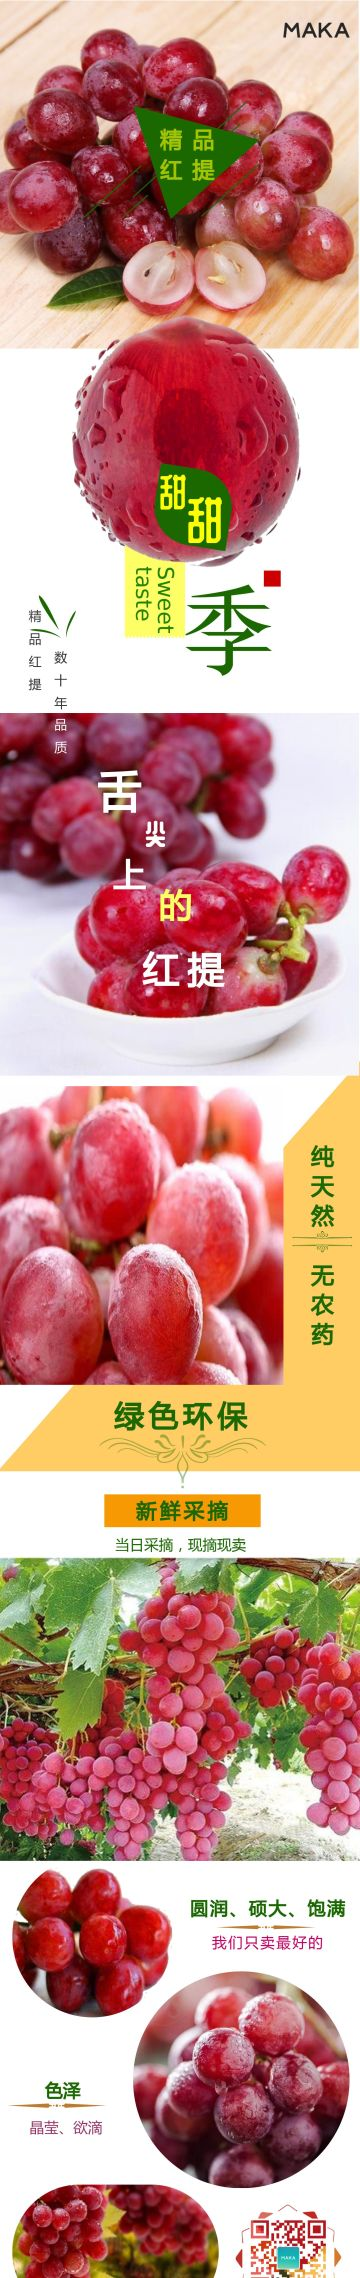 扁平简约风格水果蔬菜食品电商详情图